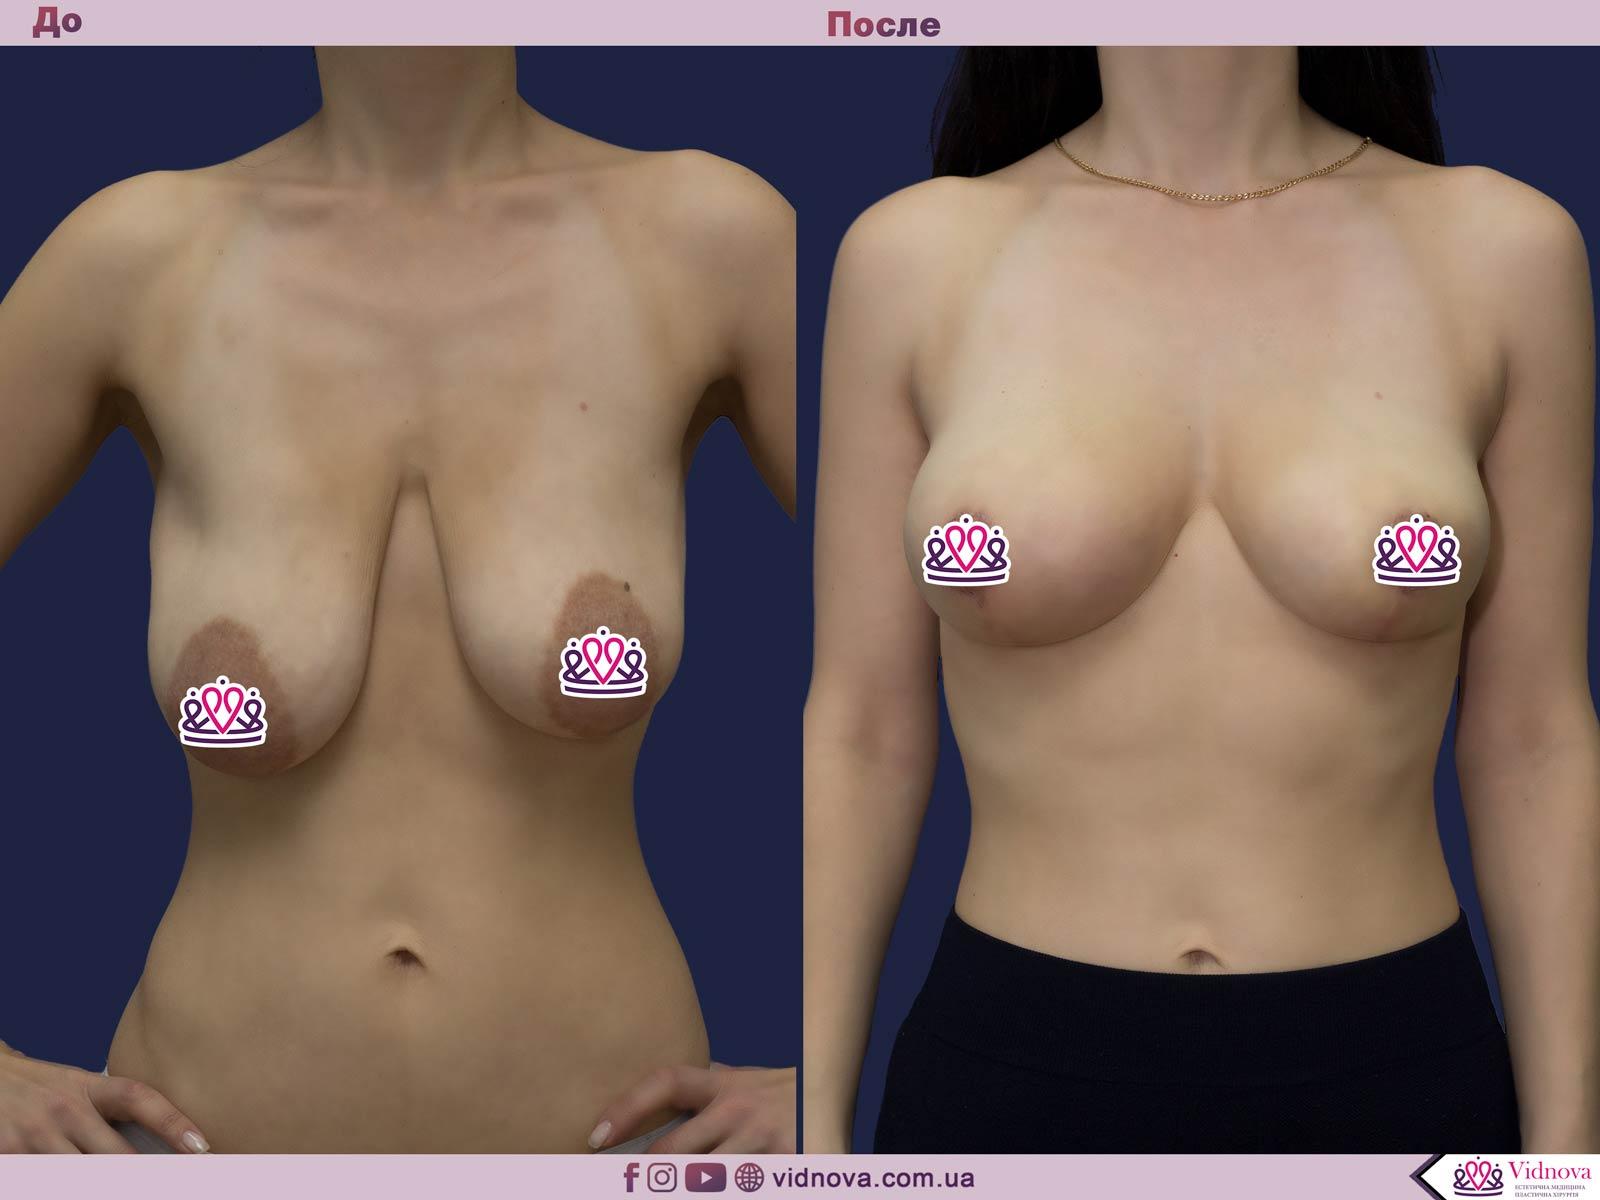 Пластика груди: результаты до и после - Пример №15-0 - Светлана Работенко